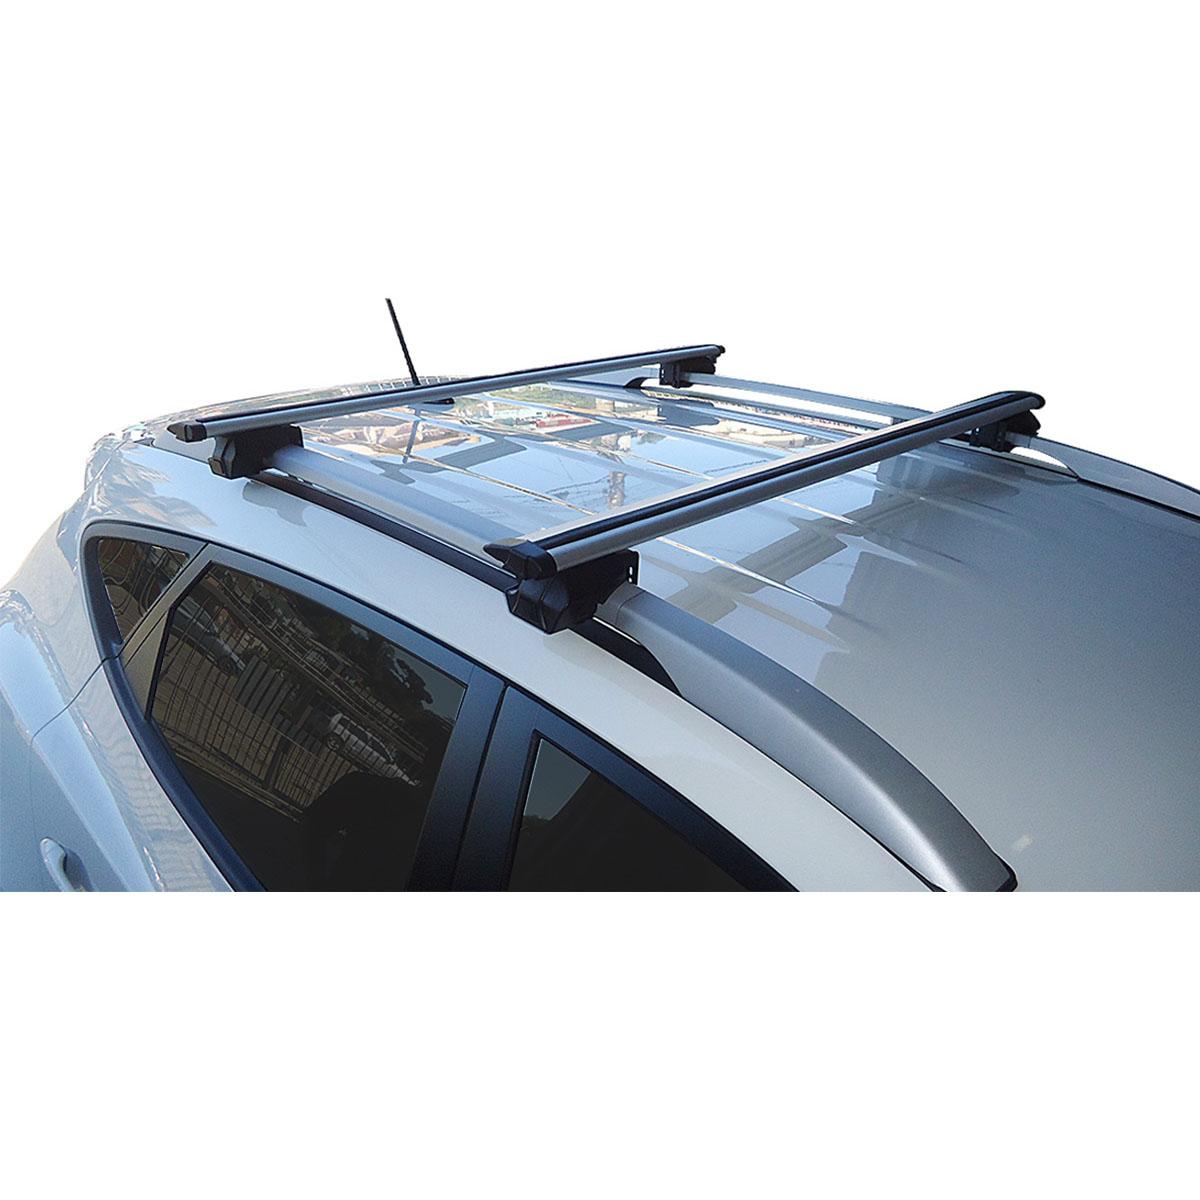 Travessa rack de teto Procargo Palio Weekend 1997 a 2017 com trava de segurança